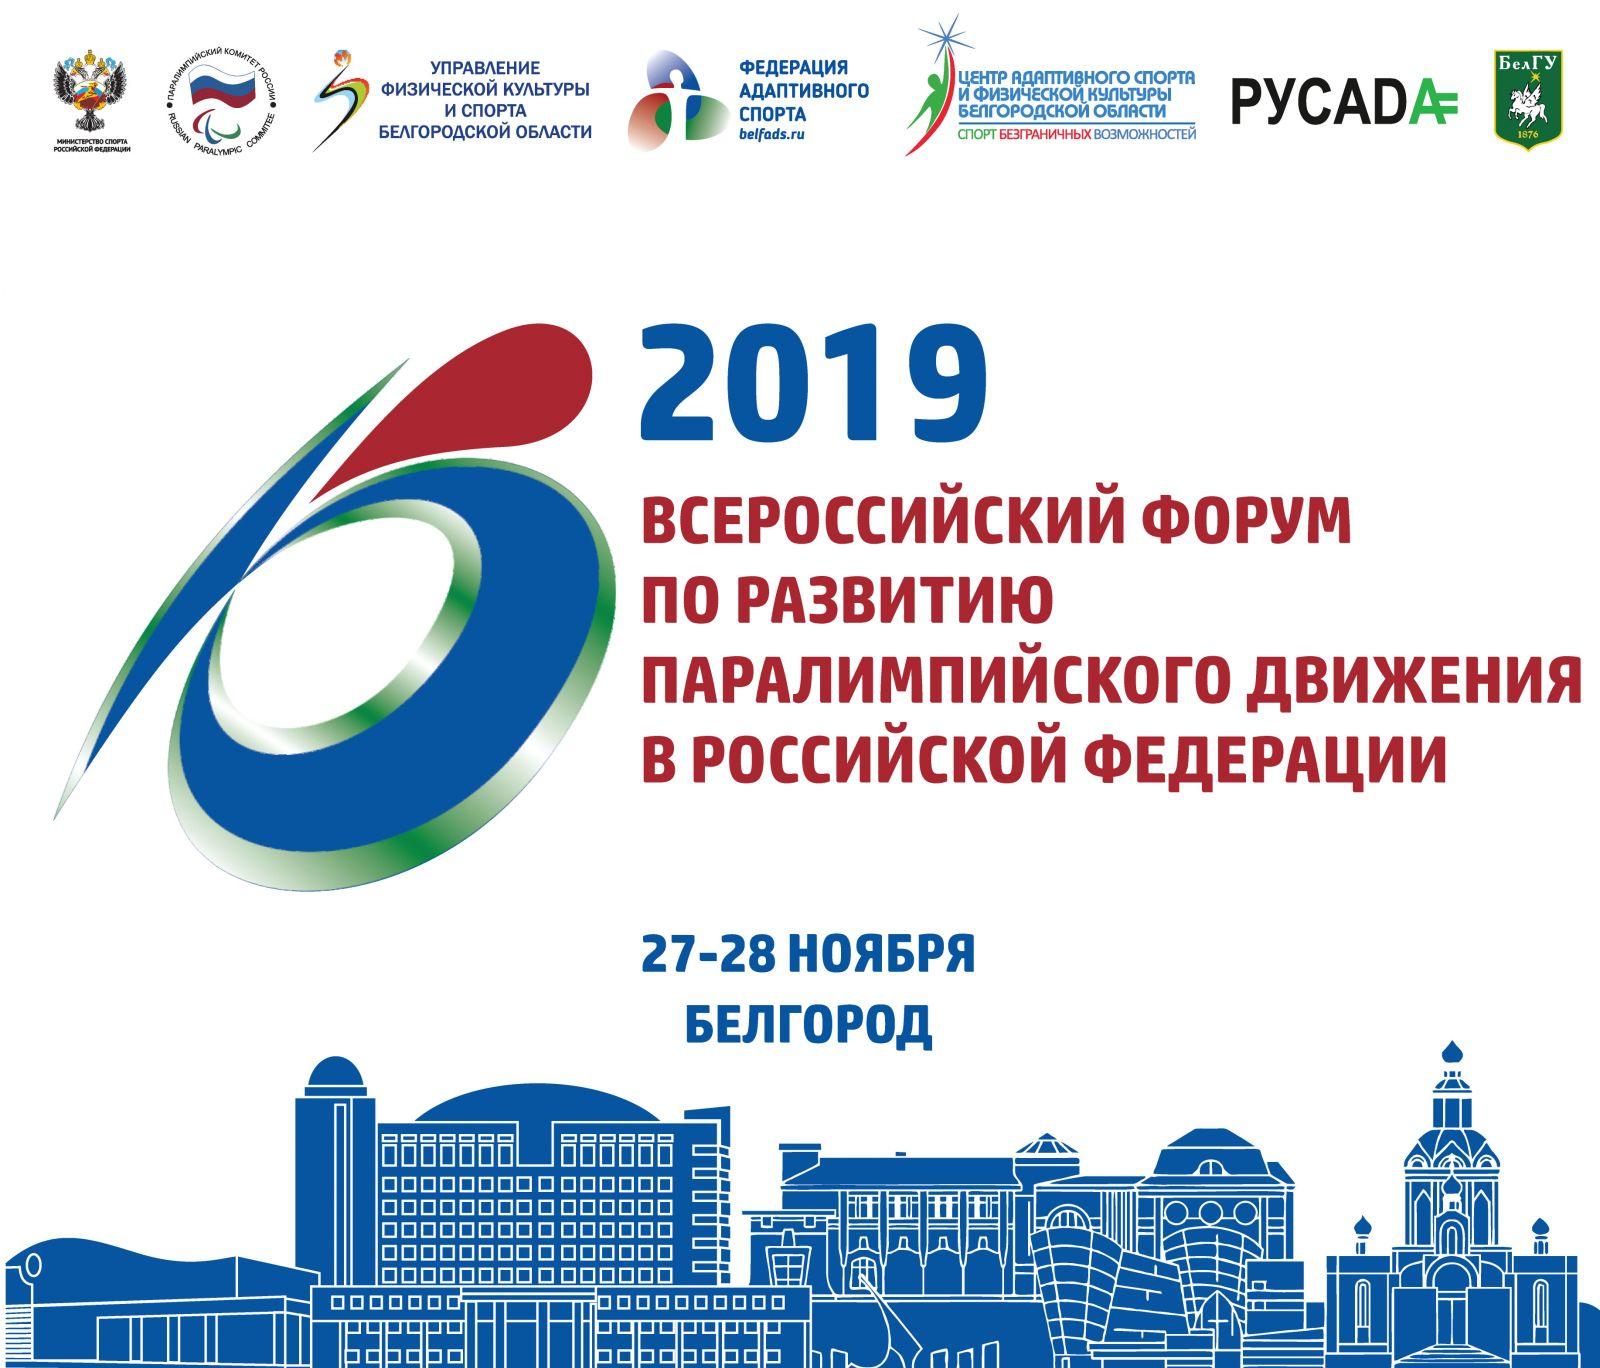 27-28 ноября 2019 года в г. Белгороде ПКР, Белгородская федерация адаптивного спорта совместно с РАА «РУСАДА» проведут Всероссийский форум по развитию паралимпийского движения в Российской Федерации